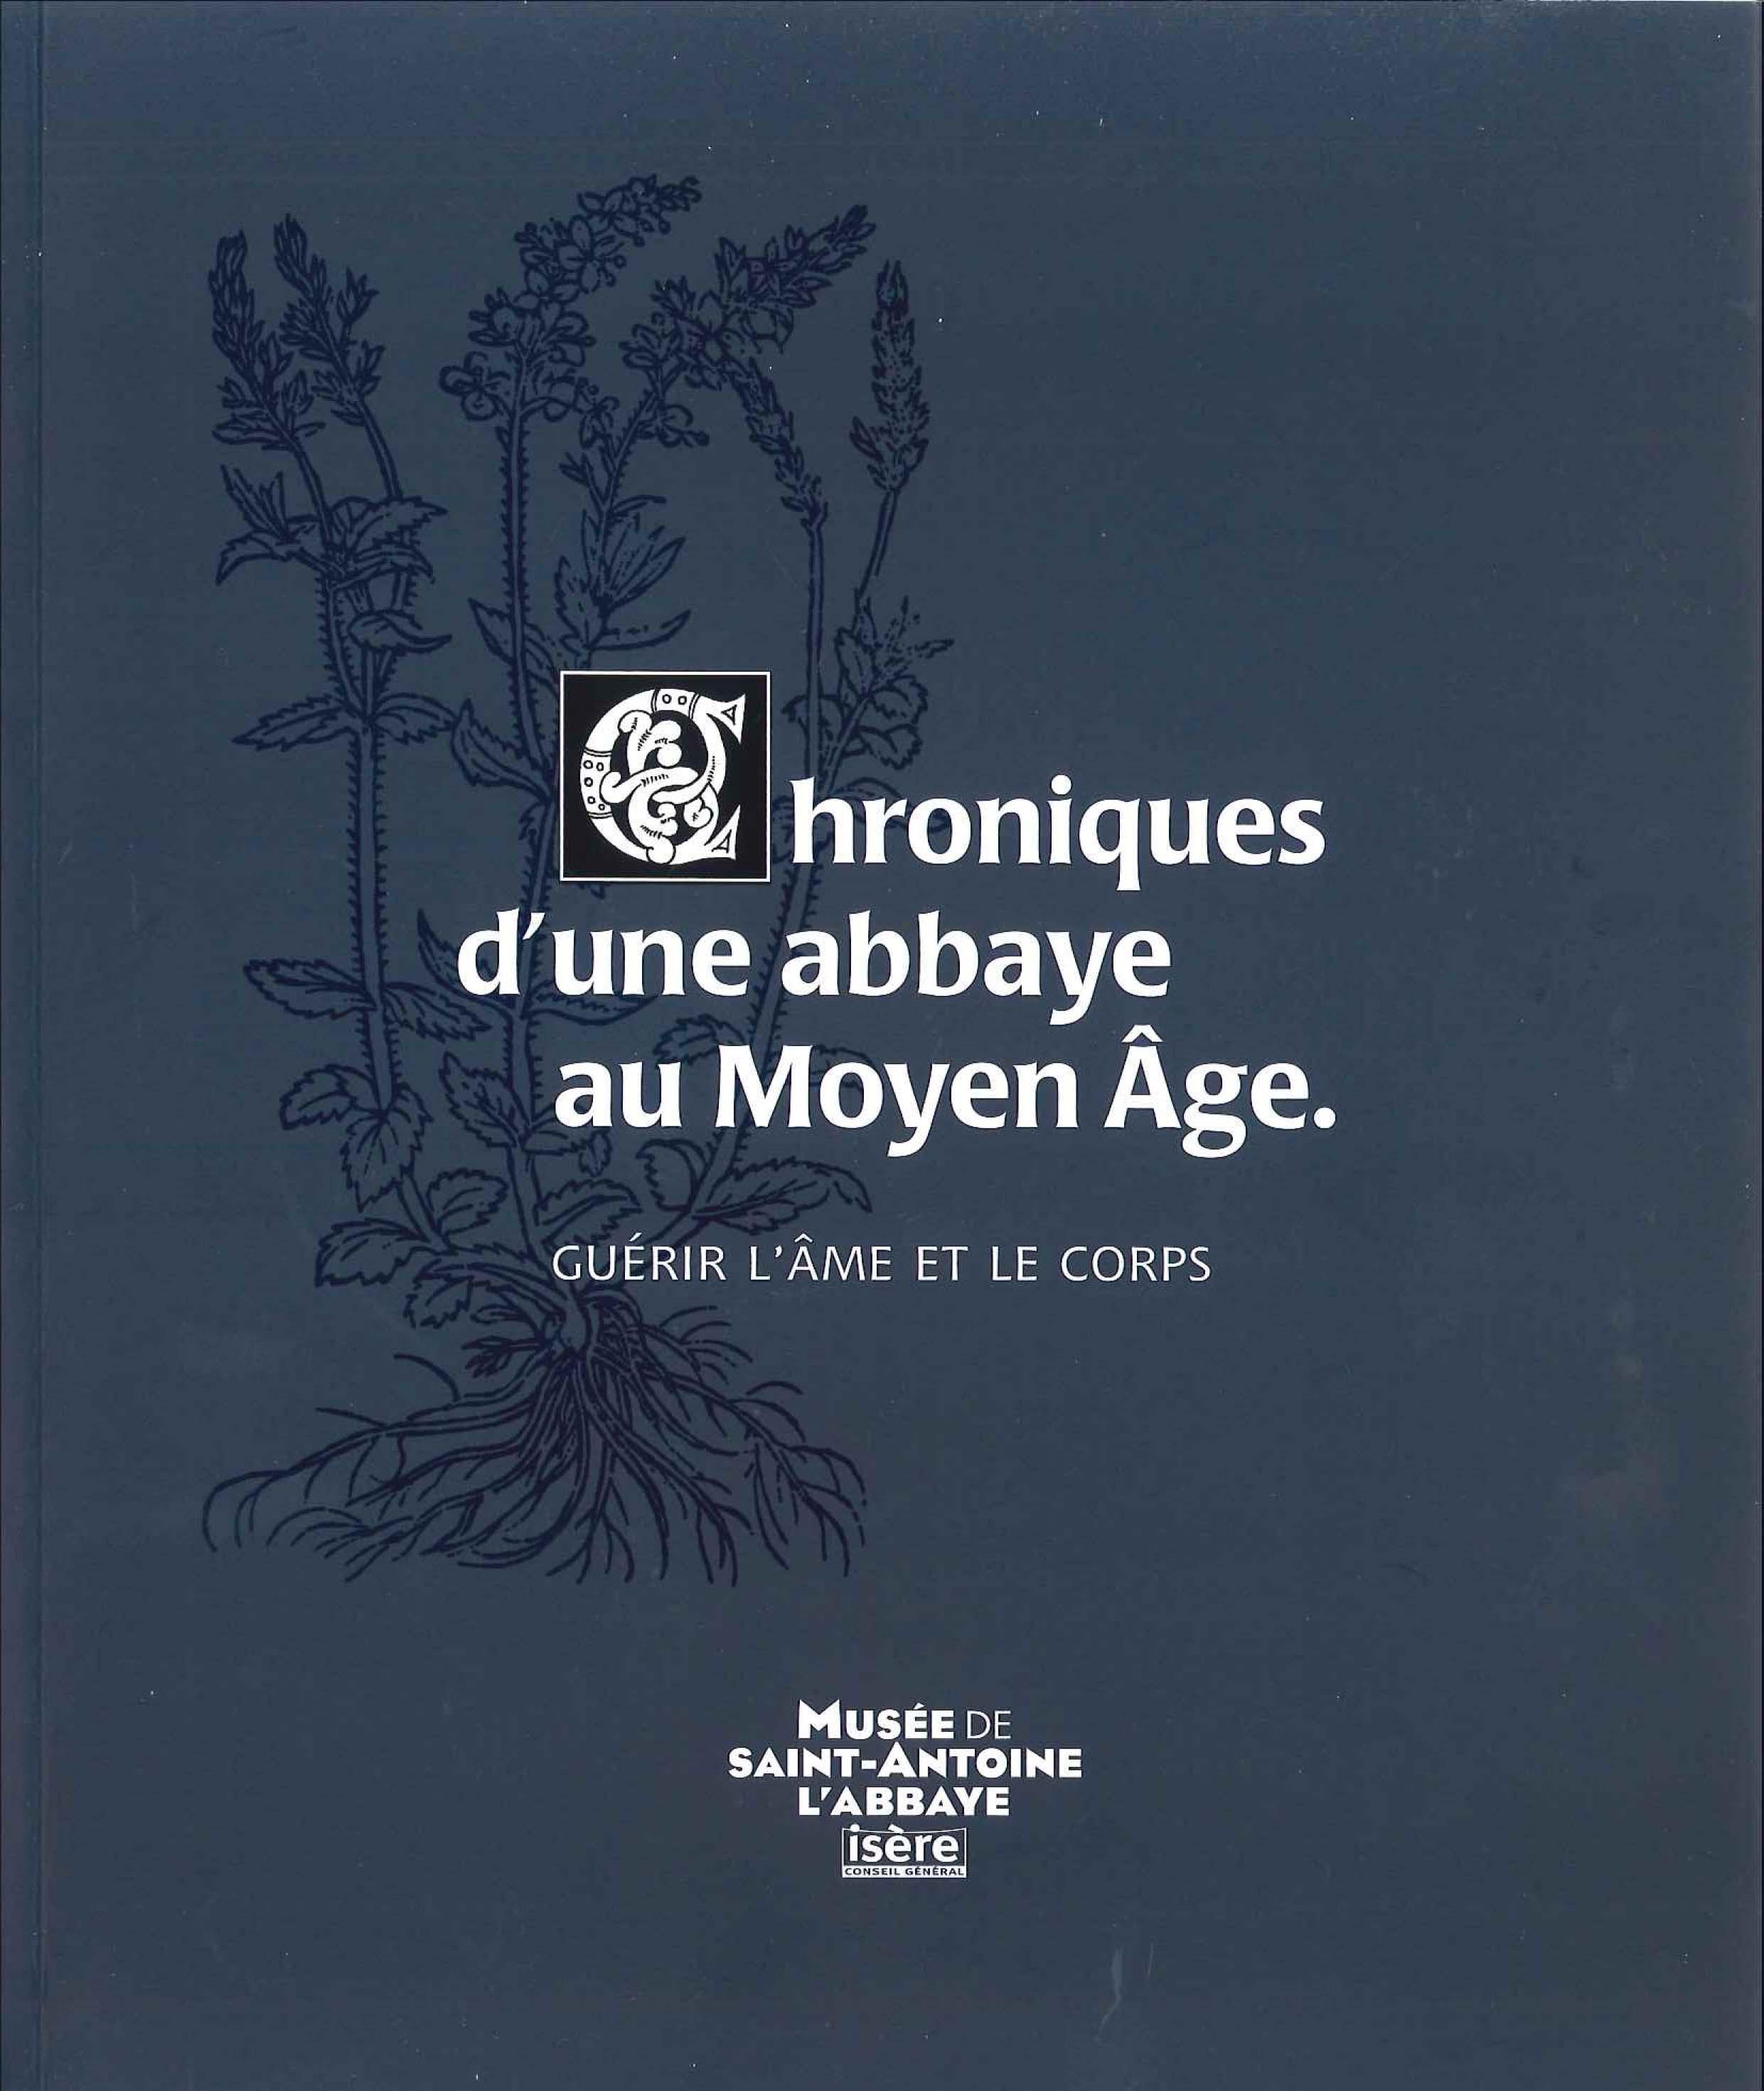 Chroniques d'une abbaye couverture 2013